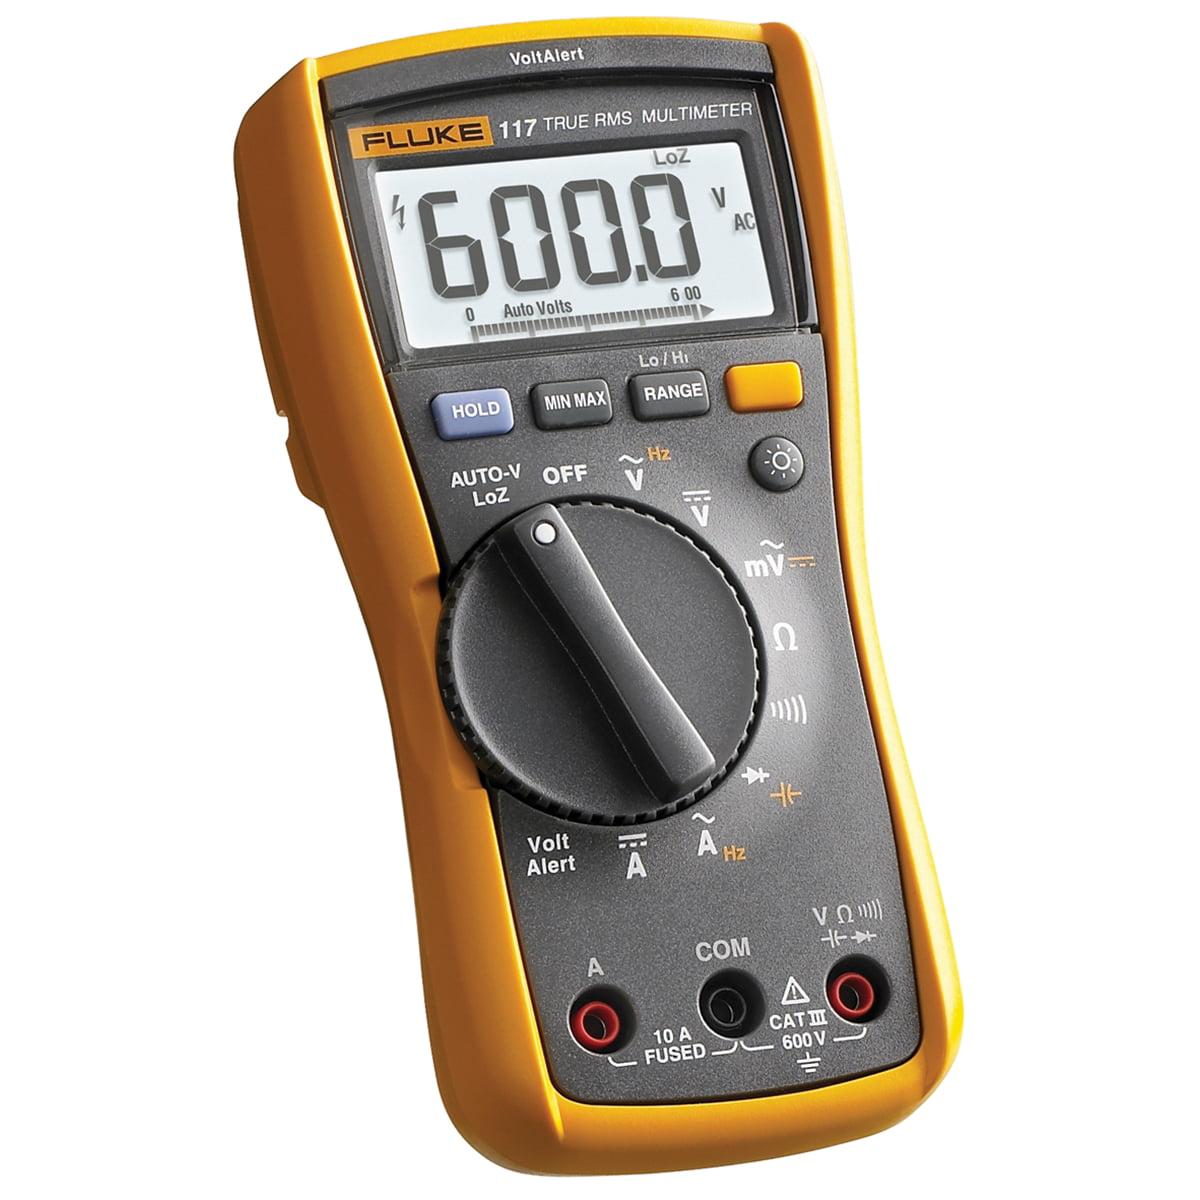 Fluke Electricians True RMS Multimeter